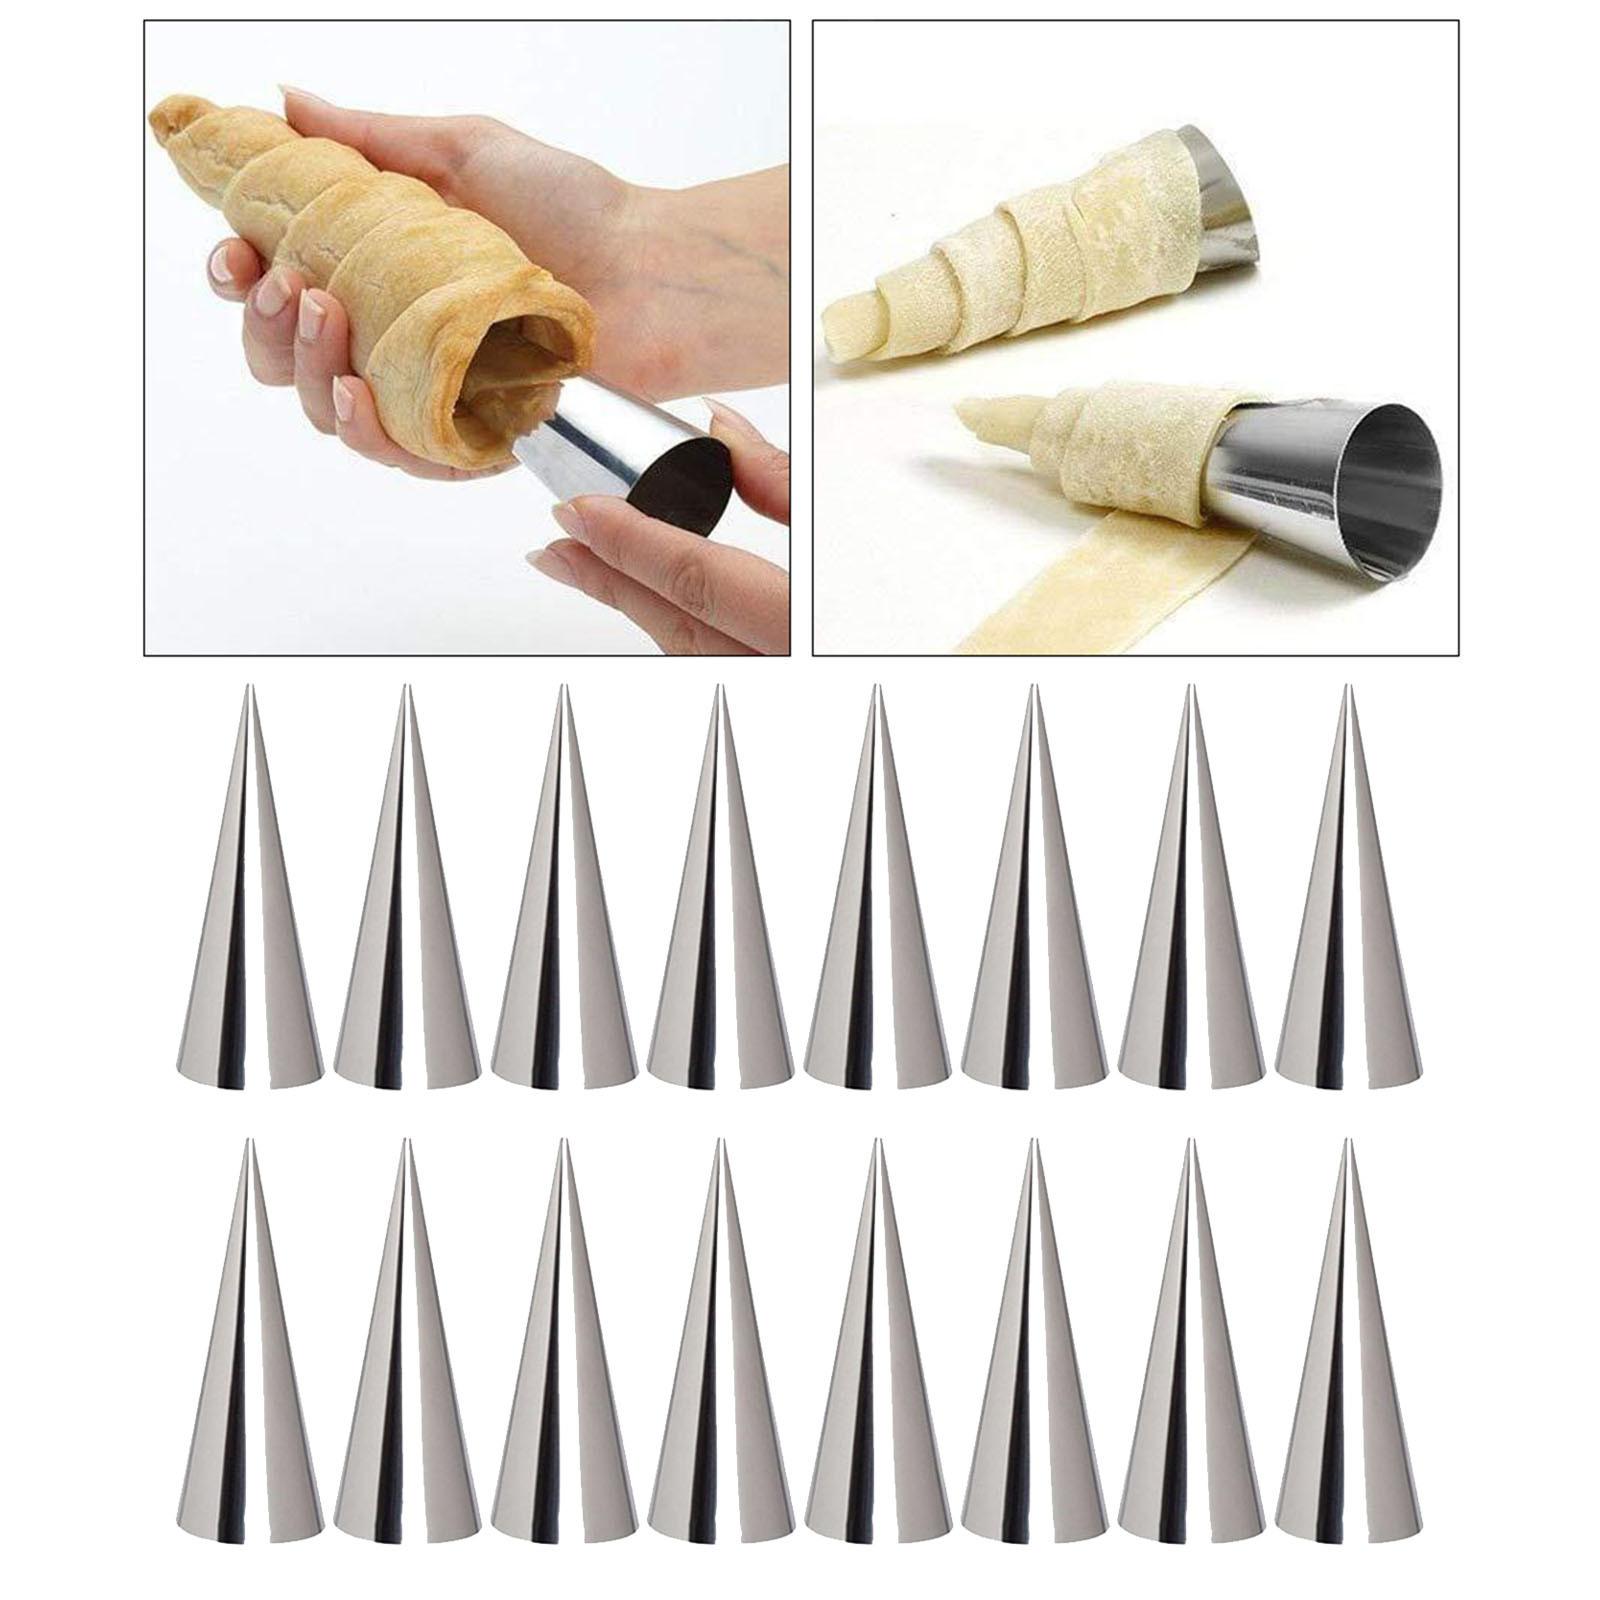 miniature 7 - Crème pâtissière Trompette Croissant Outil Spirale Tubes Pain Pâtisserie Gâ